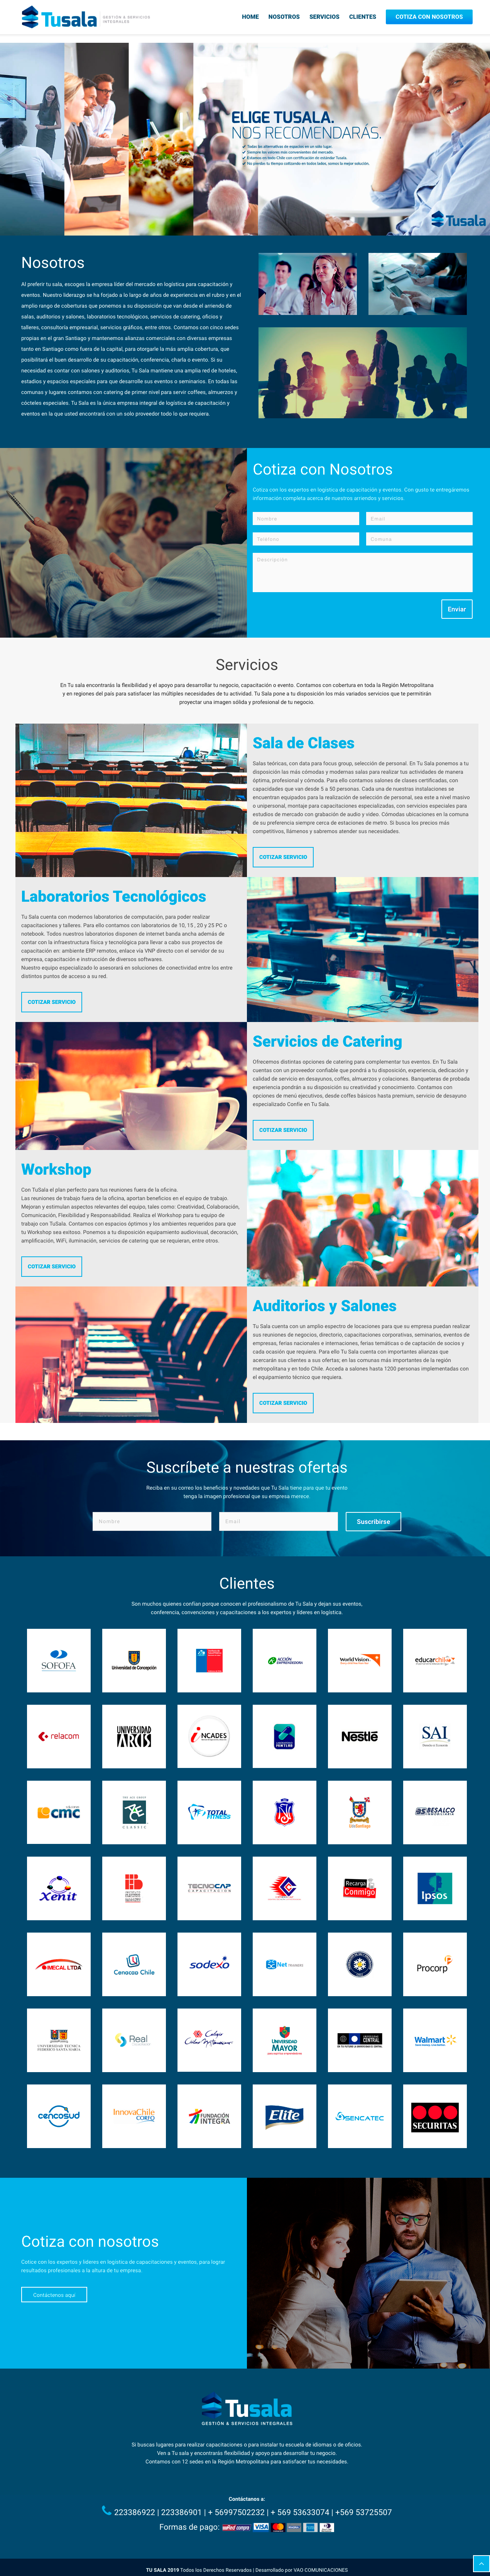 VAO comunicaciones Tu Sala sitio web